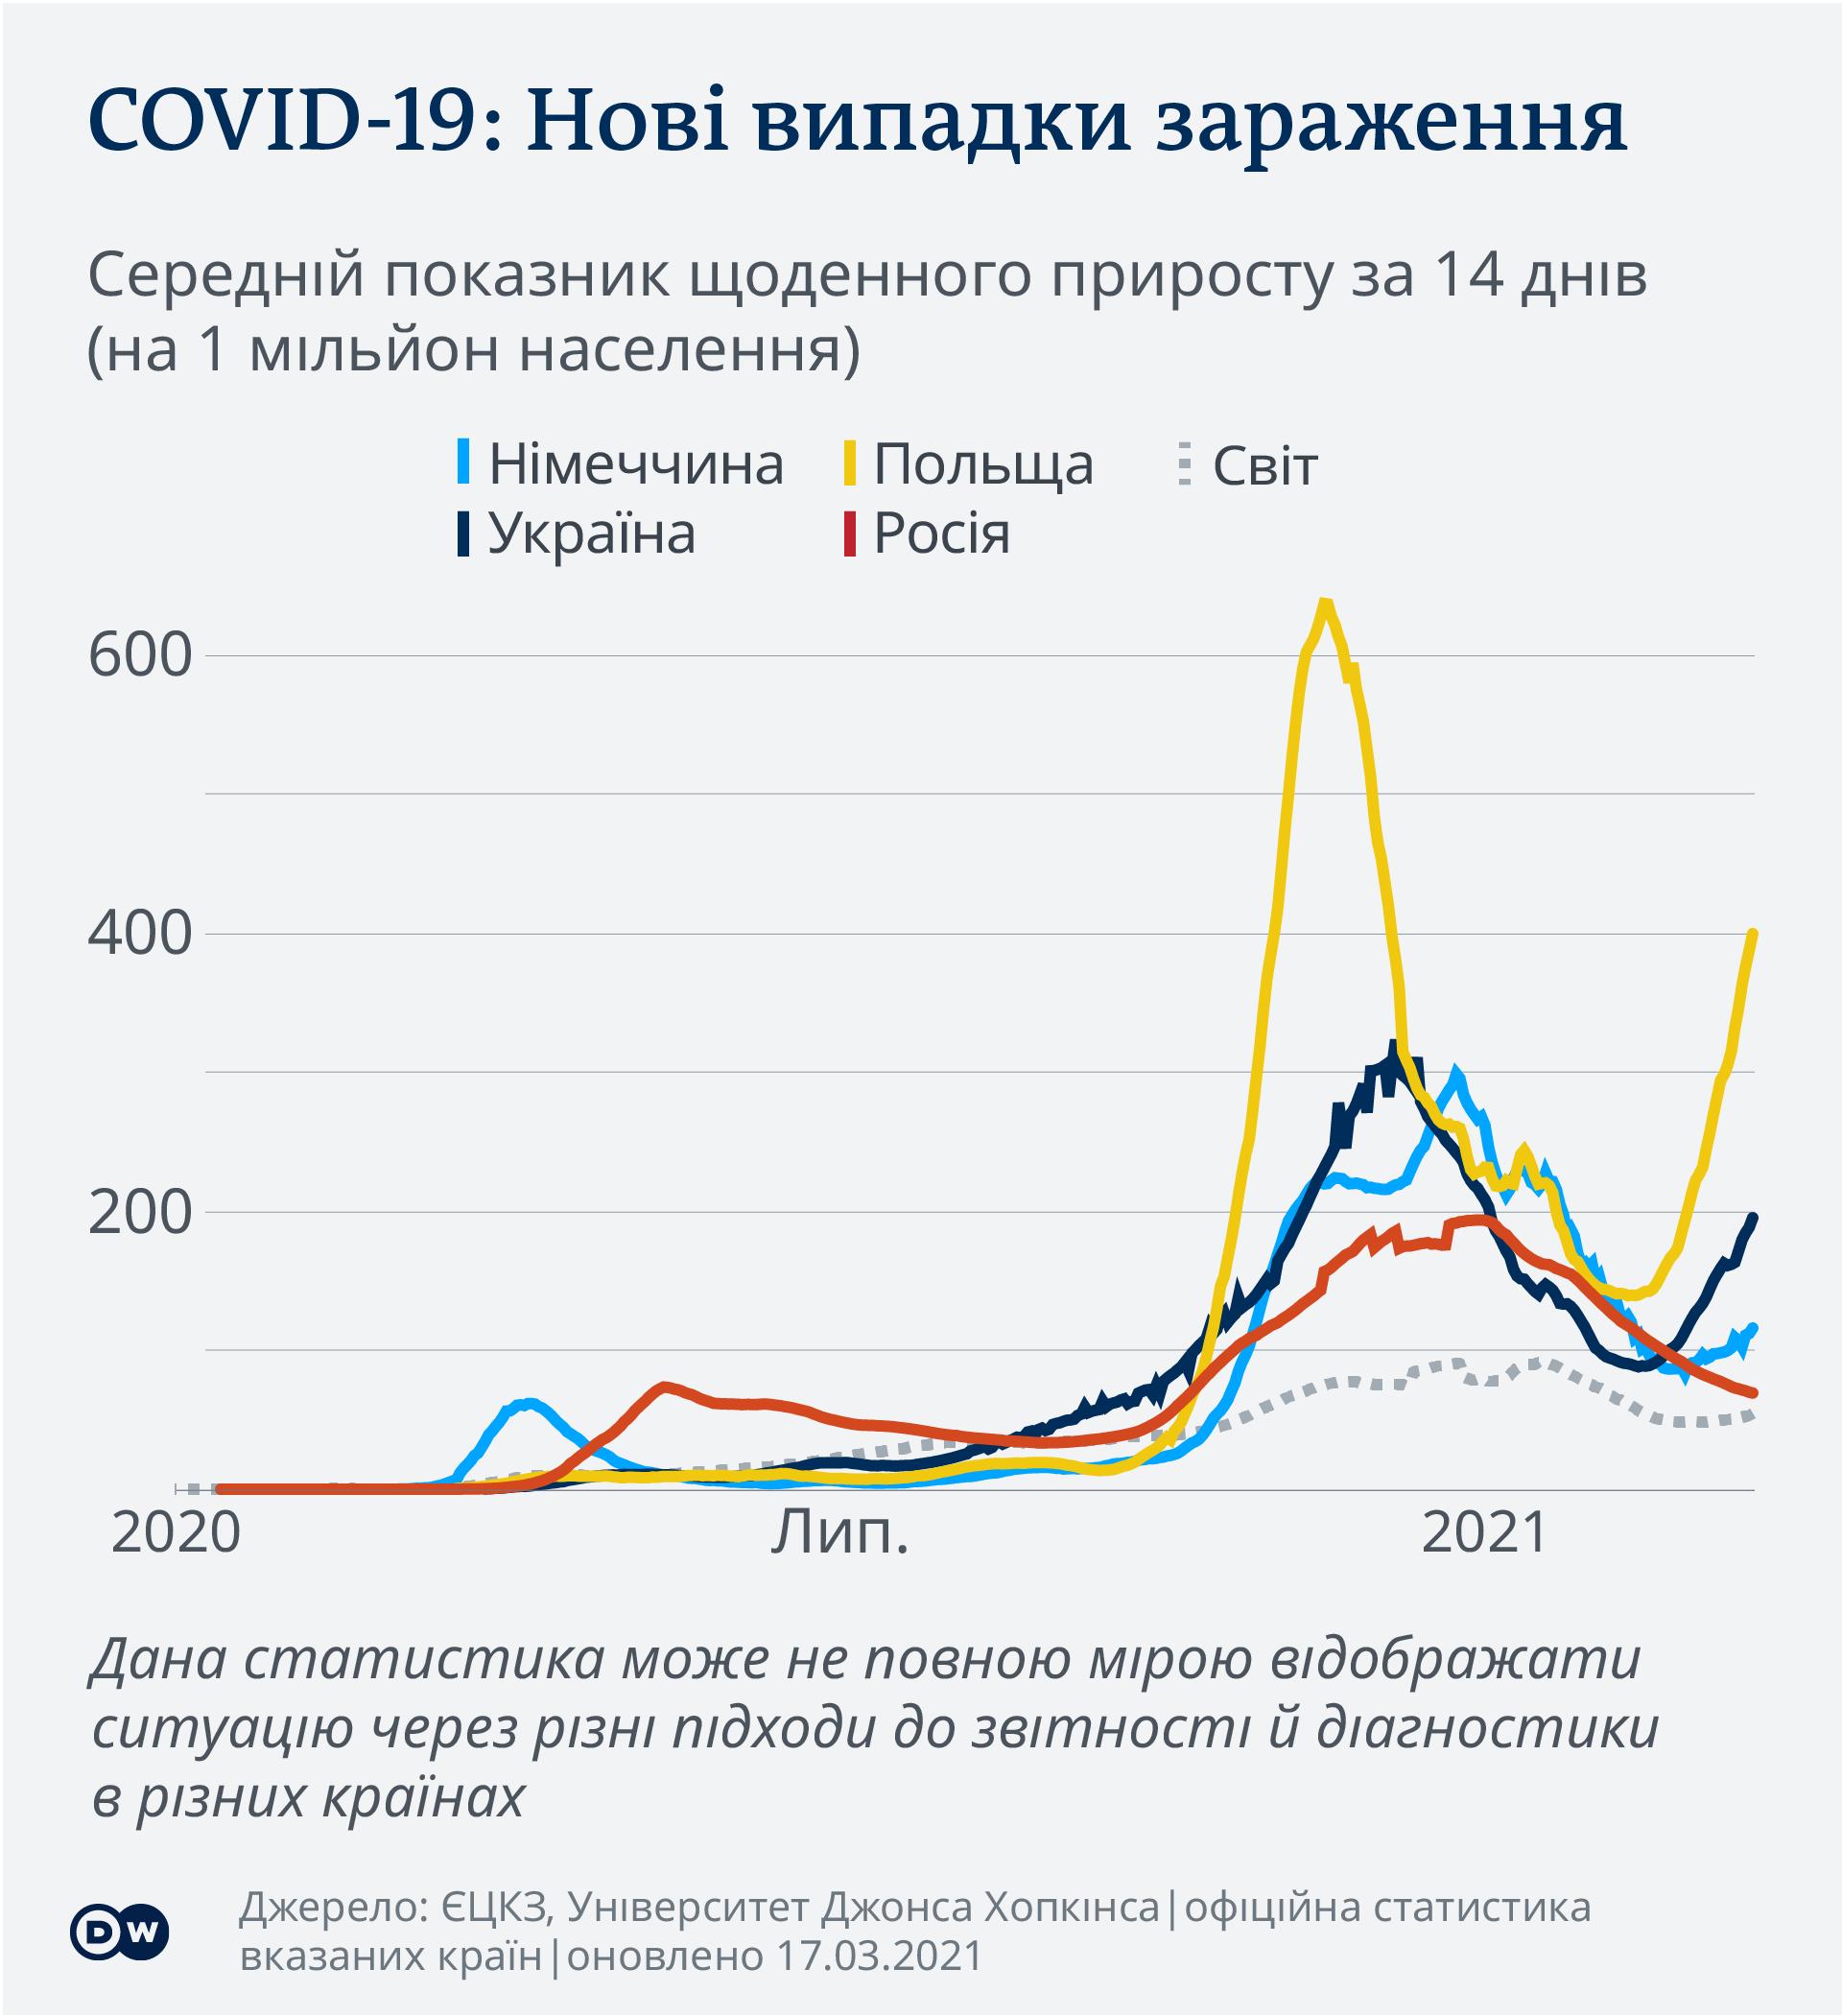 Нові випадки заражень коронавірусом у Німеччині, Польщі, Україні, Росії та світі (інфографіка - дані станом на 17 березня)